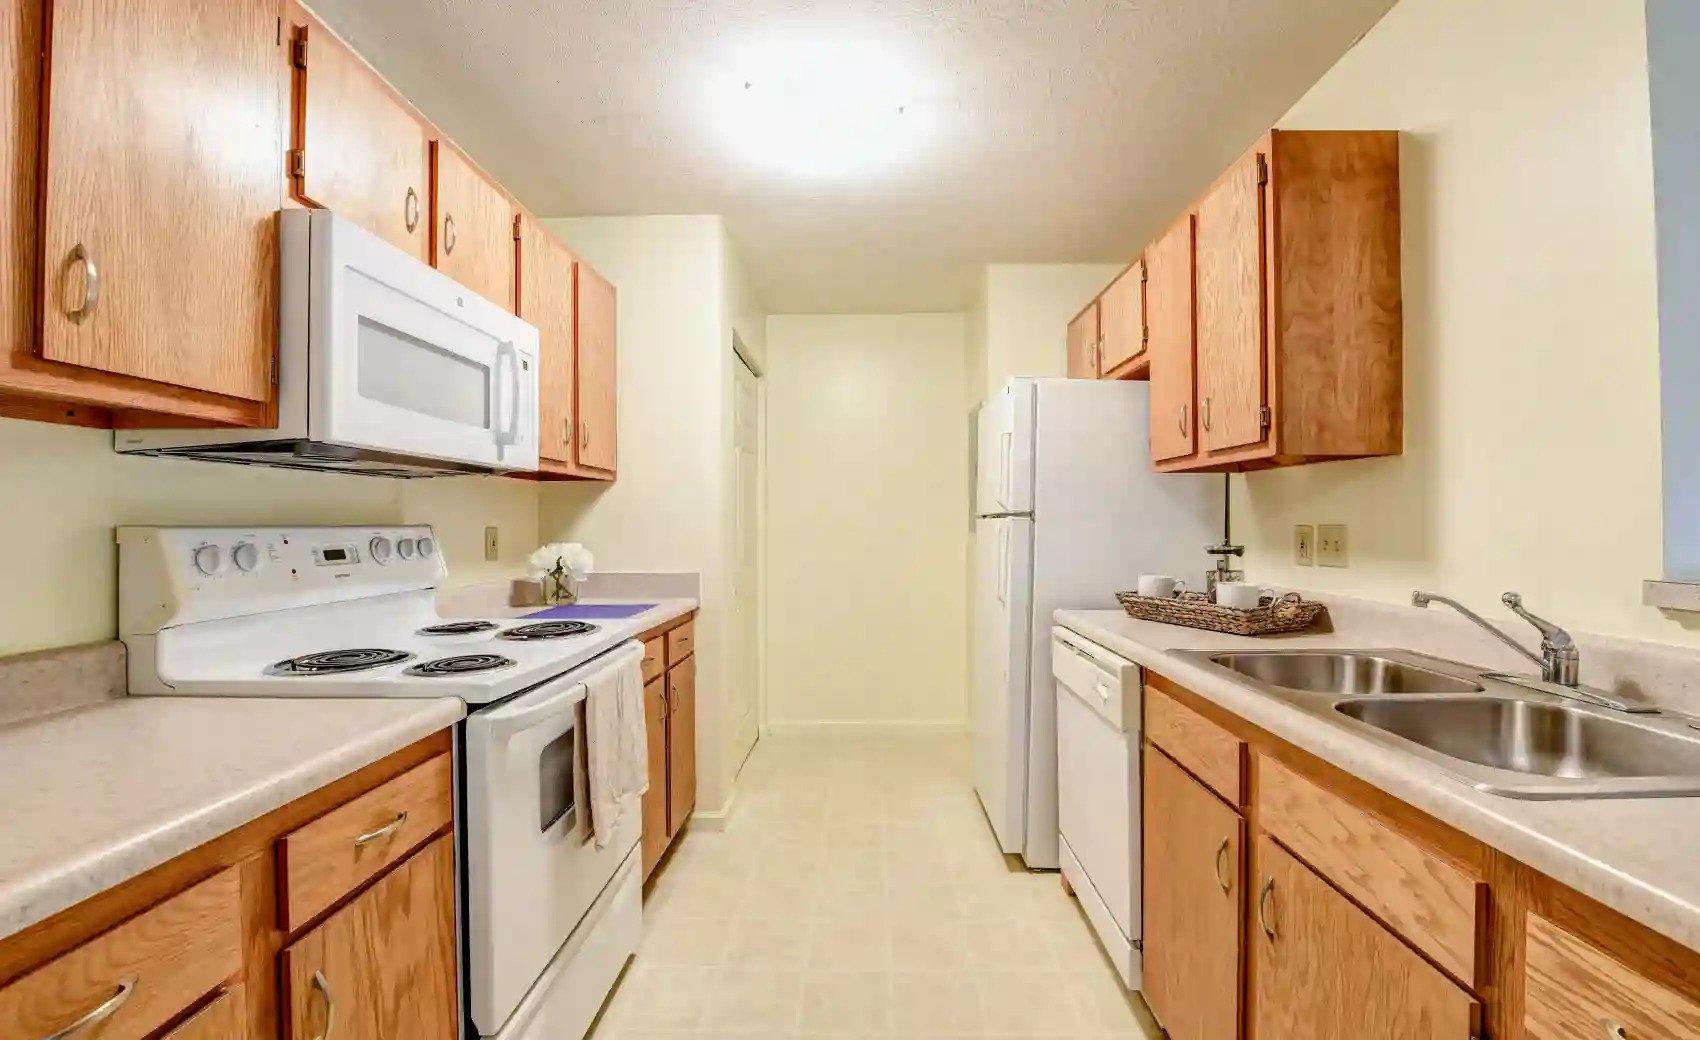 White Appliances at Arbors of Lebanon Apartments in Lebanon, Ohio